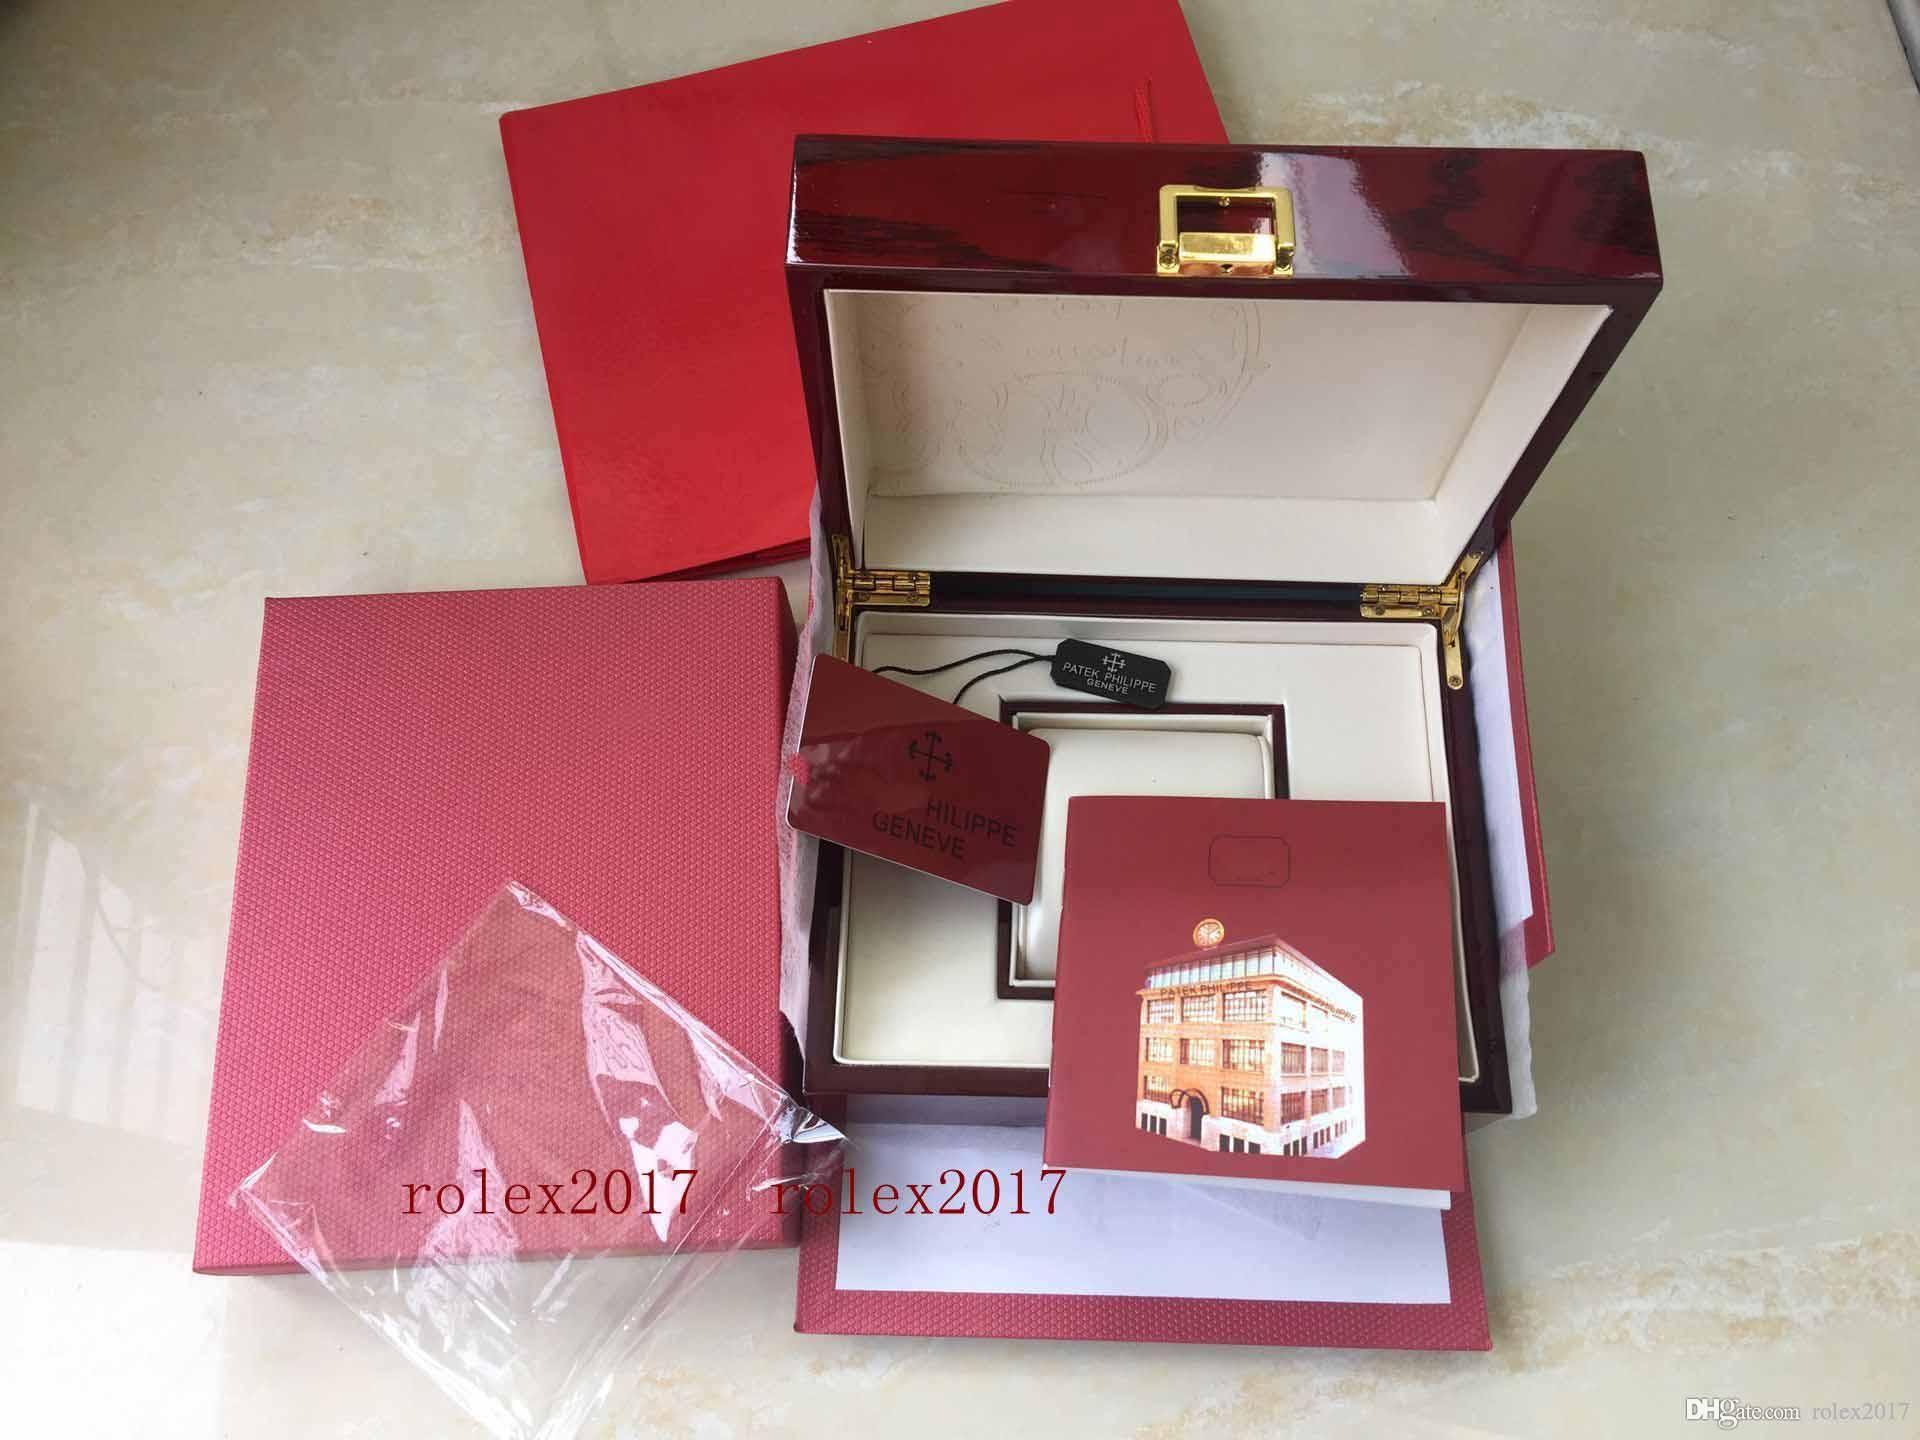 أوراق صندوق الفاخرة عالية الجودة Topselling ال PP الأحمر نوتيلوس الأصل بطاقة خشب 20 * 16CM صناديق اليد للرائد بحار 5711 5712 5990 5980 الساعات